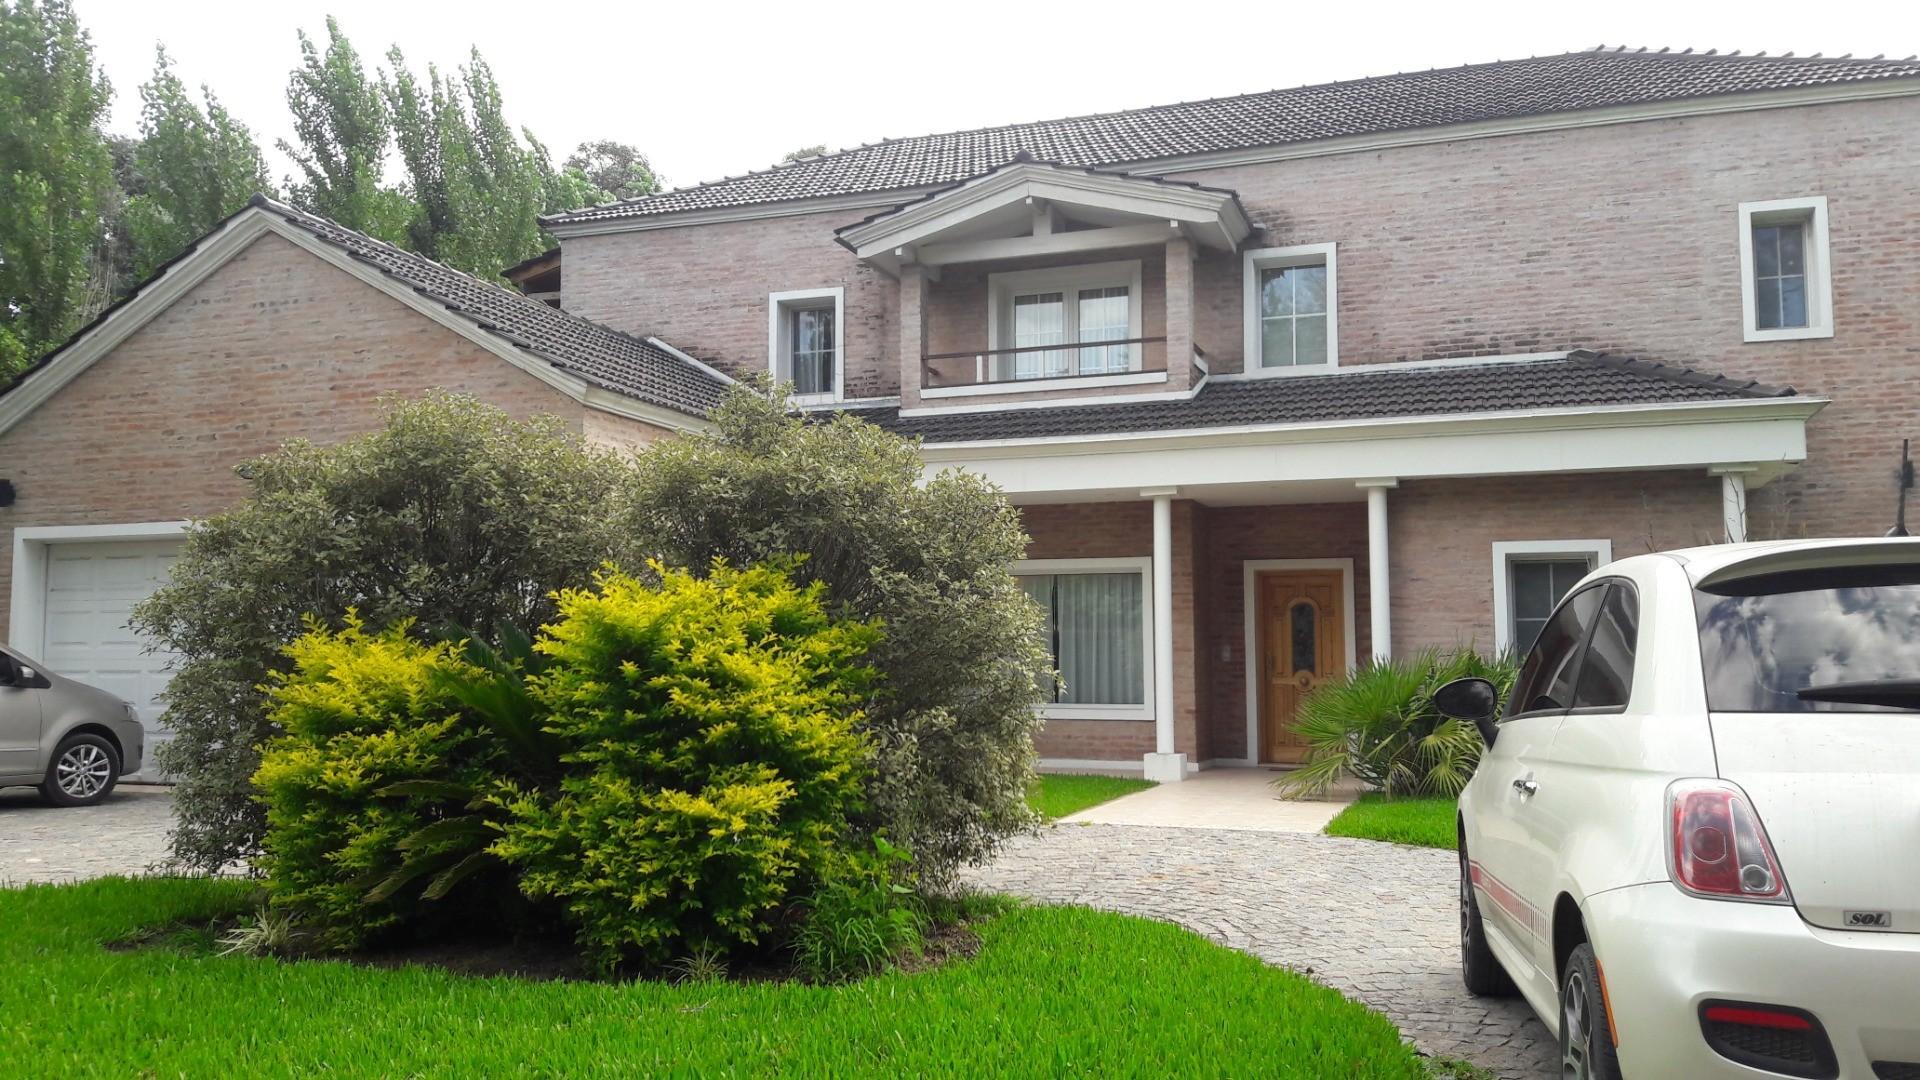 Casa en Venta en Springdale - 5 ambientes